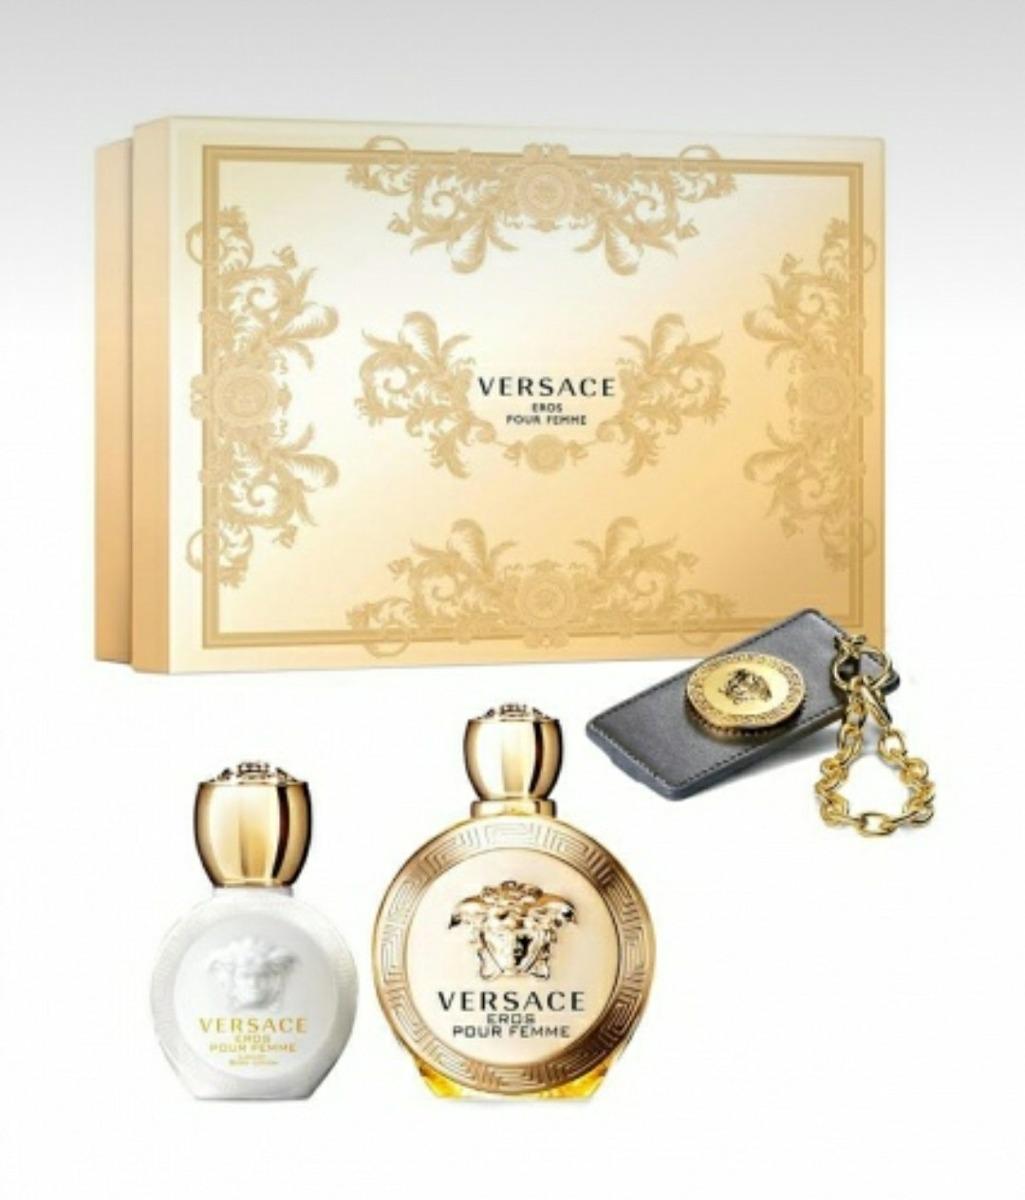 Perfume Gratis Versace Eros Estuche DamaOriginalEnvio L35ARj4